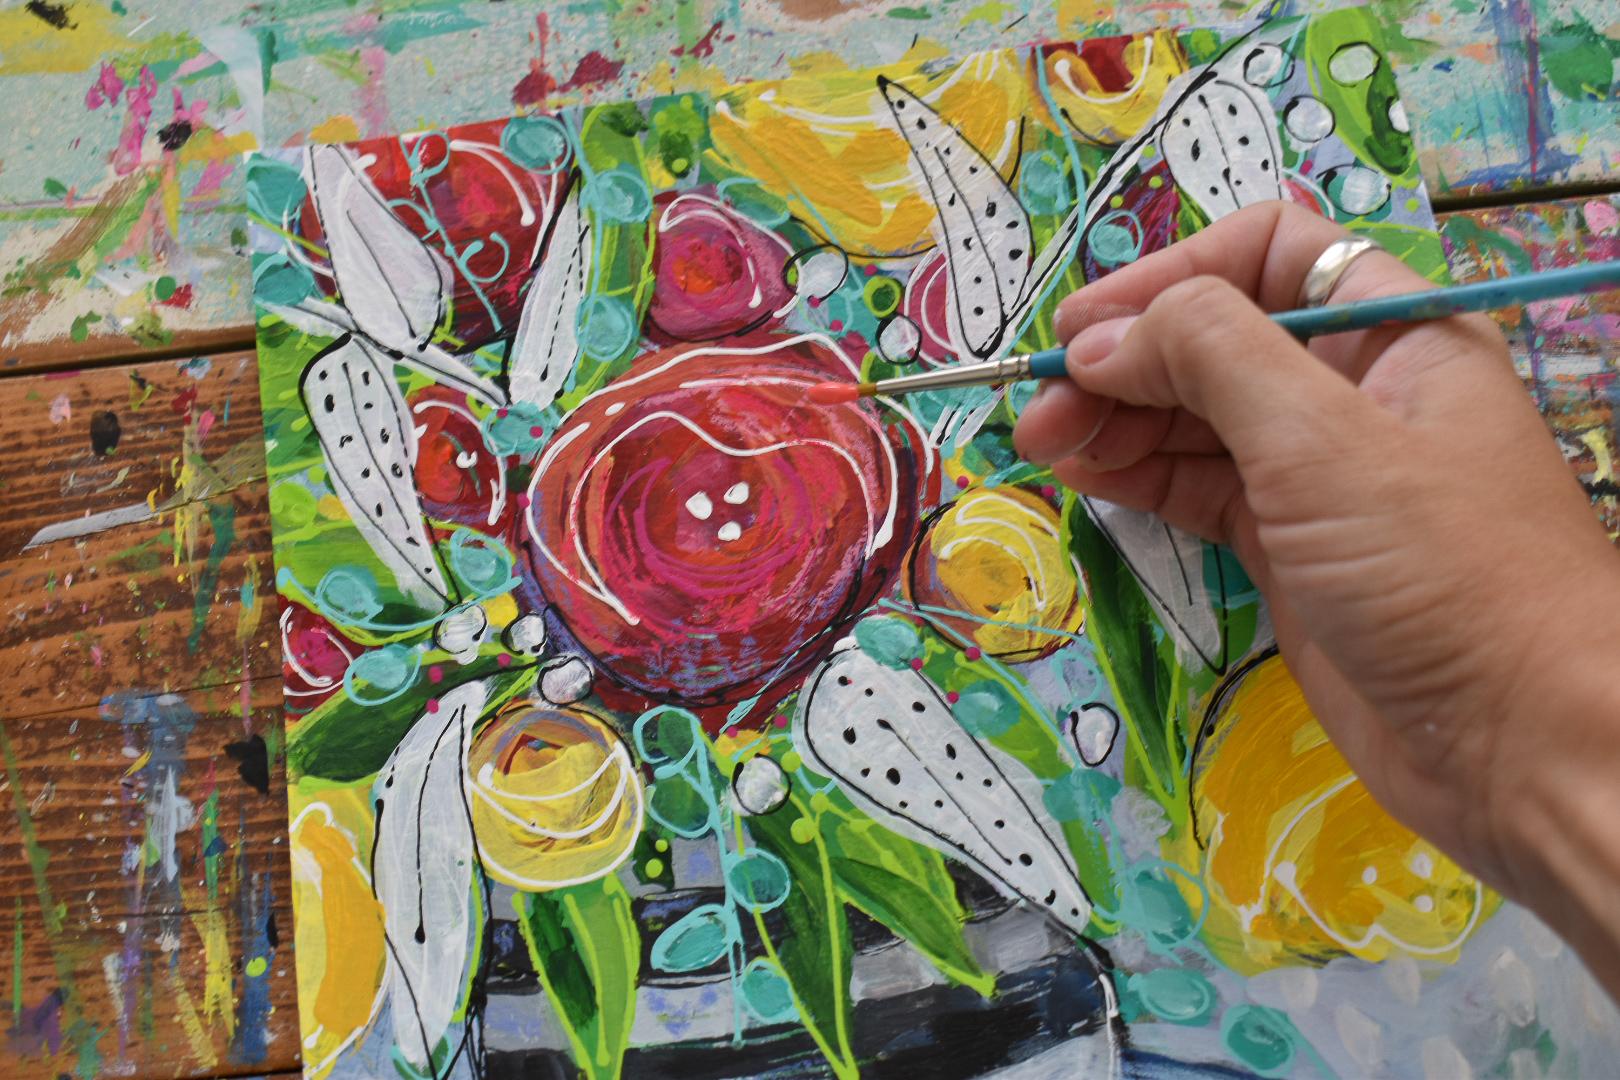 bohopainting_flowers_stripedvase_daisyfaithart5.jpg